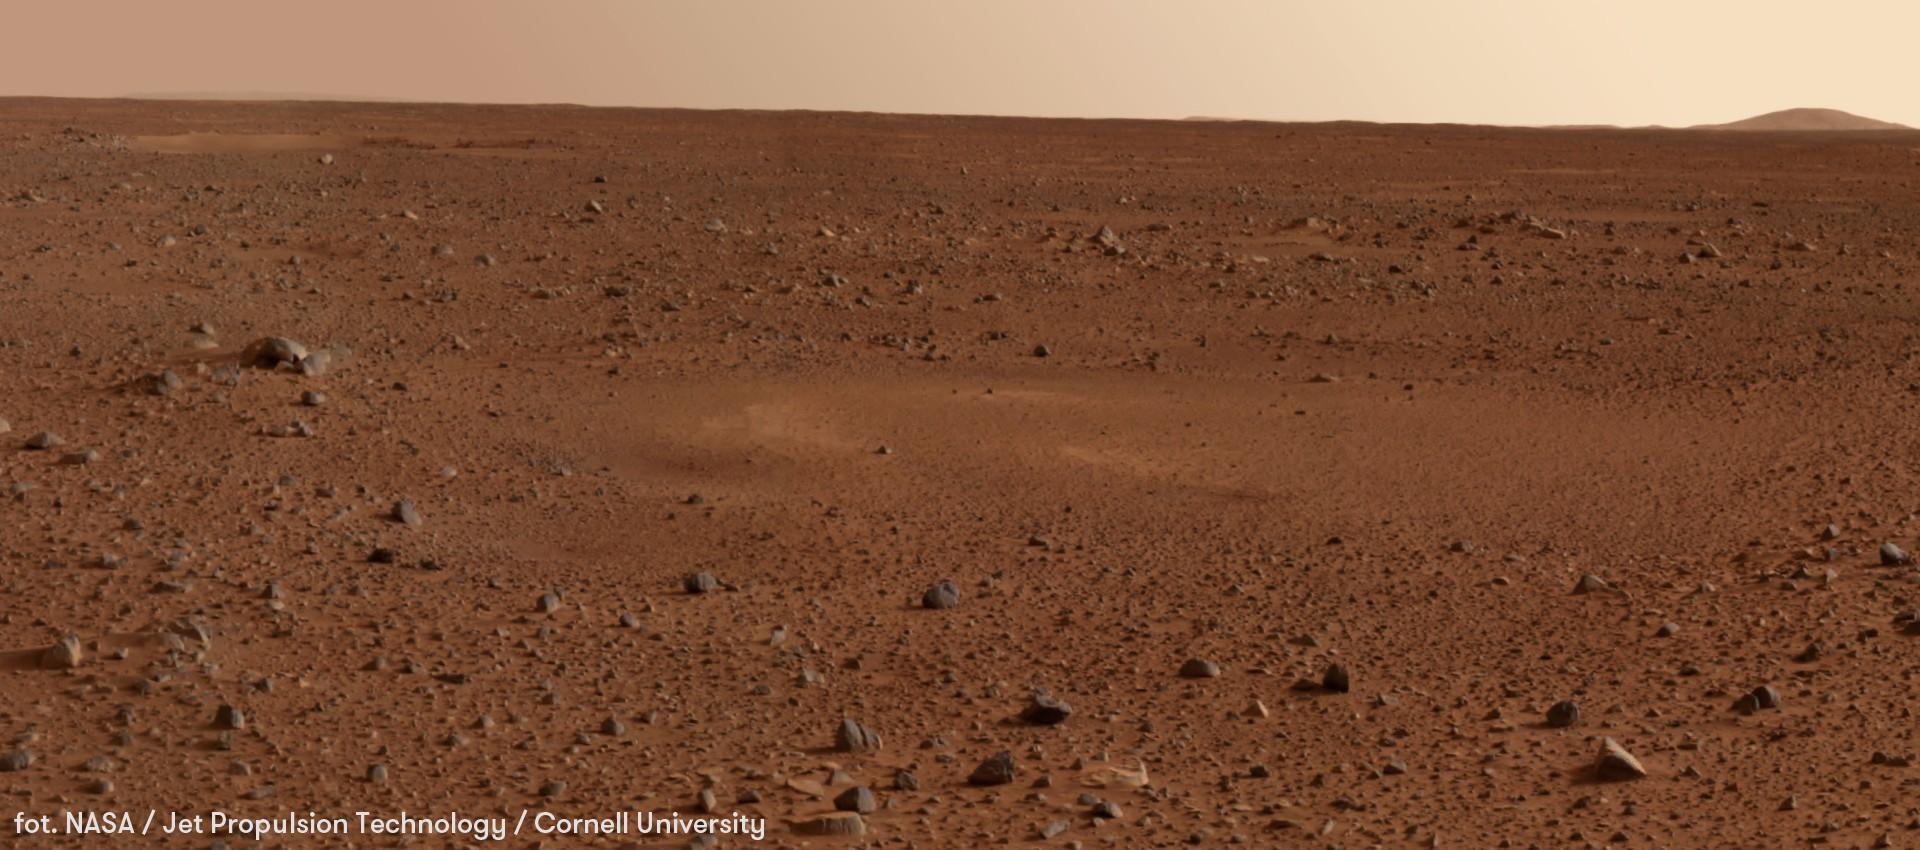 W obronie życia na Marsie